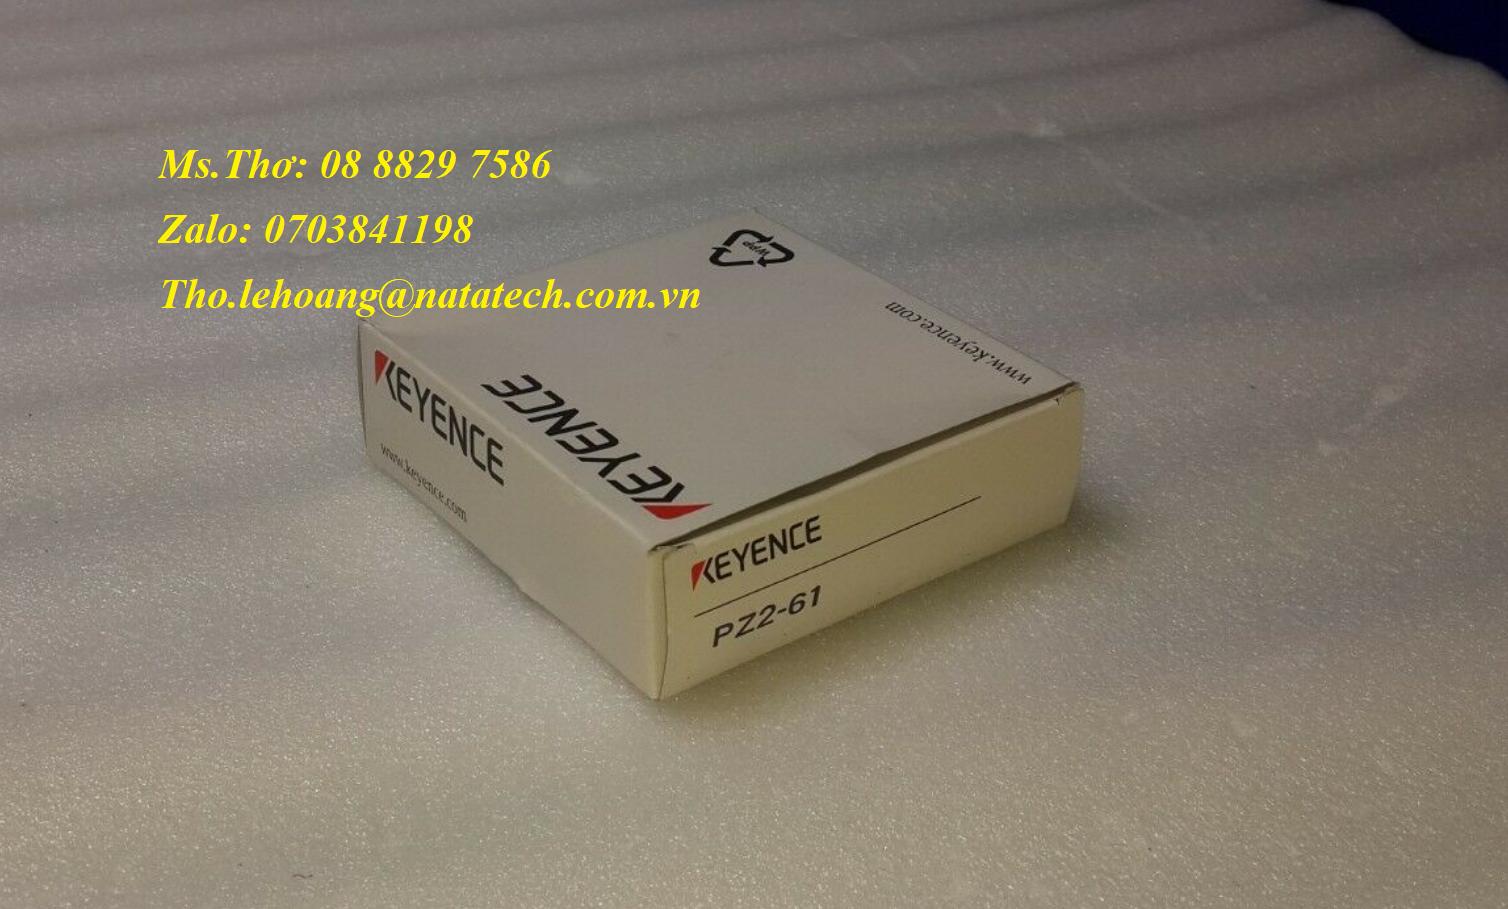 7 Cảm biến quang điện Keyence PZ2-61 - Công Ty TNHH Natatech